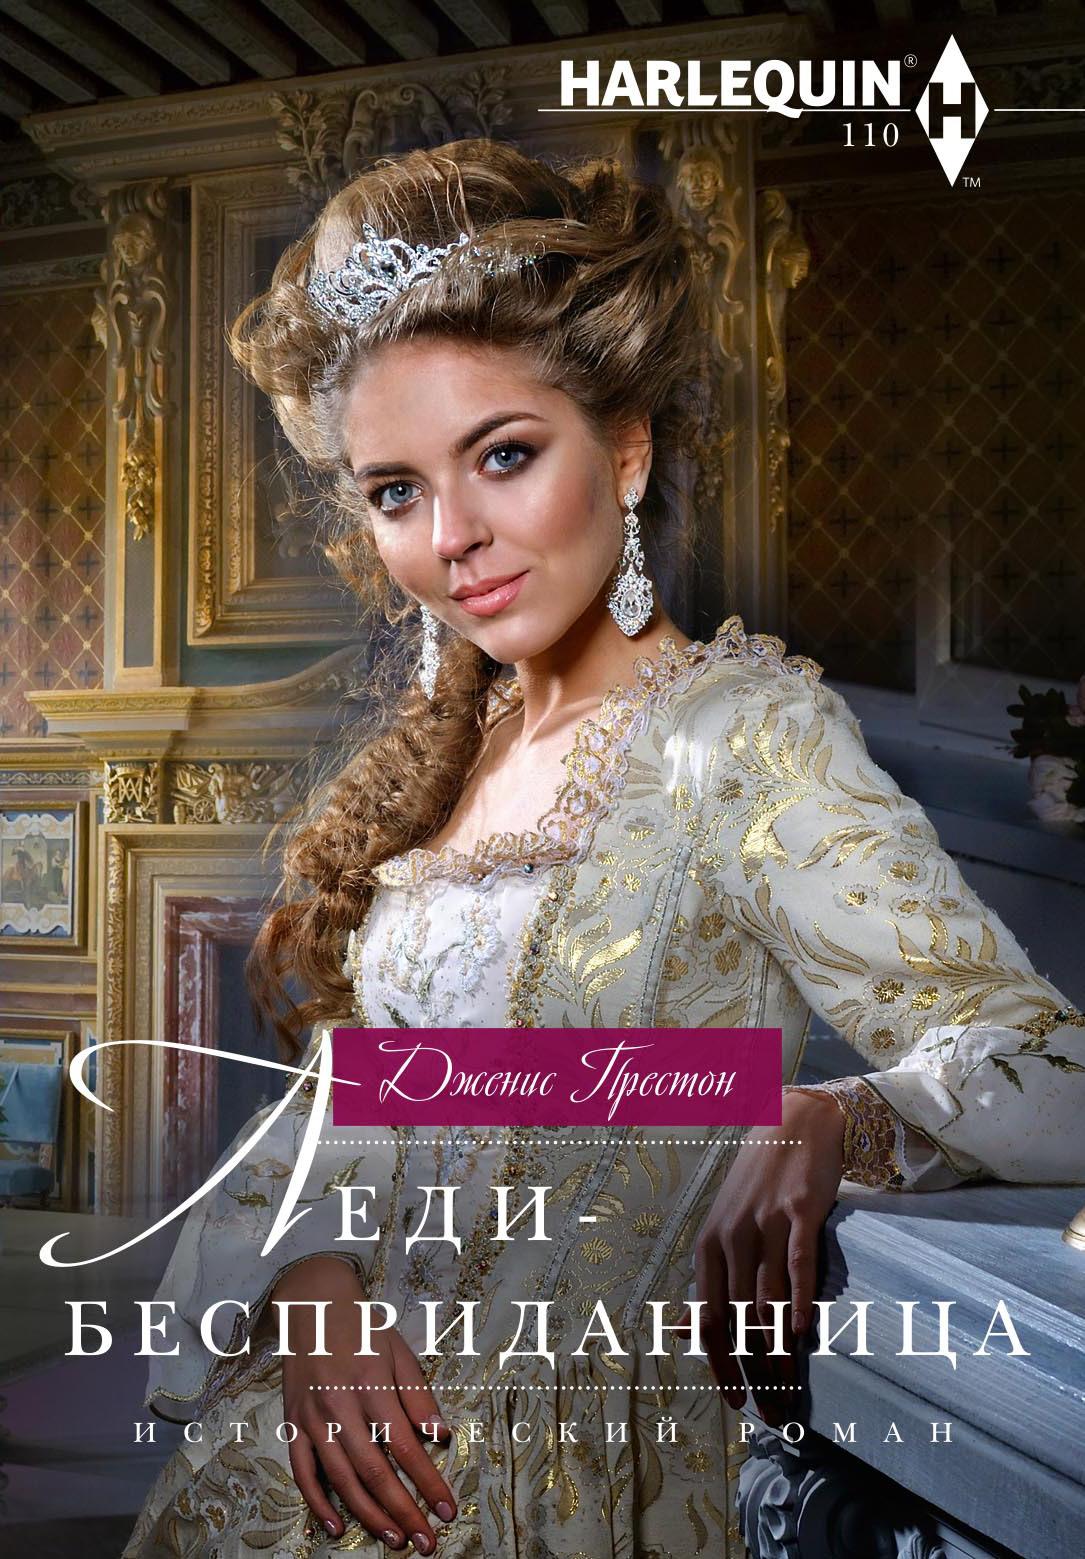 Купить книгу Леди-бесприданница, автора Дженис Престон